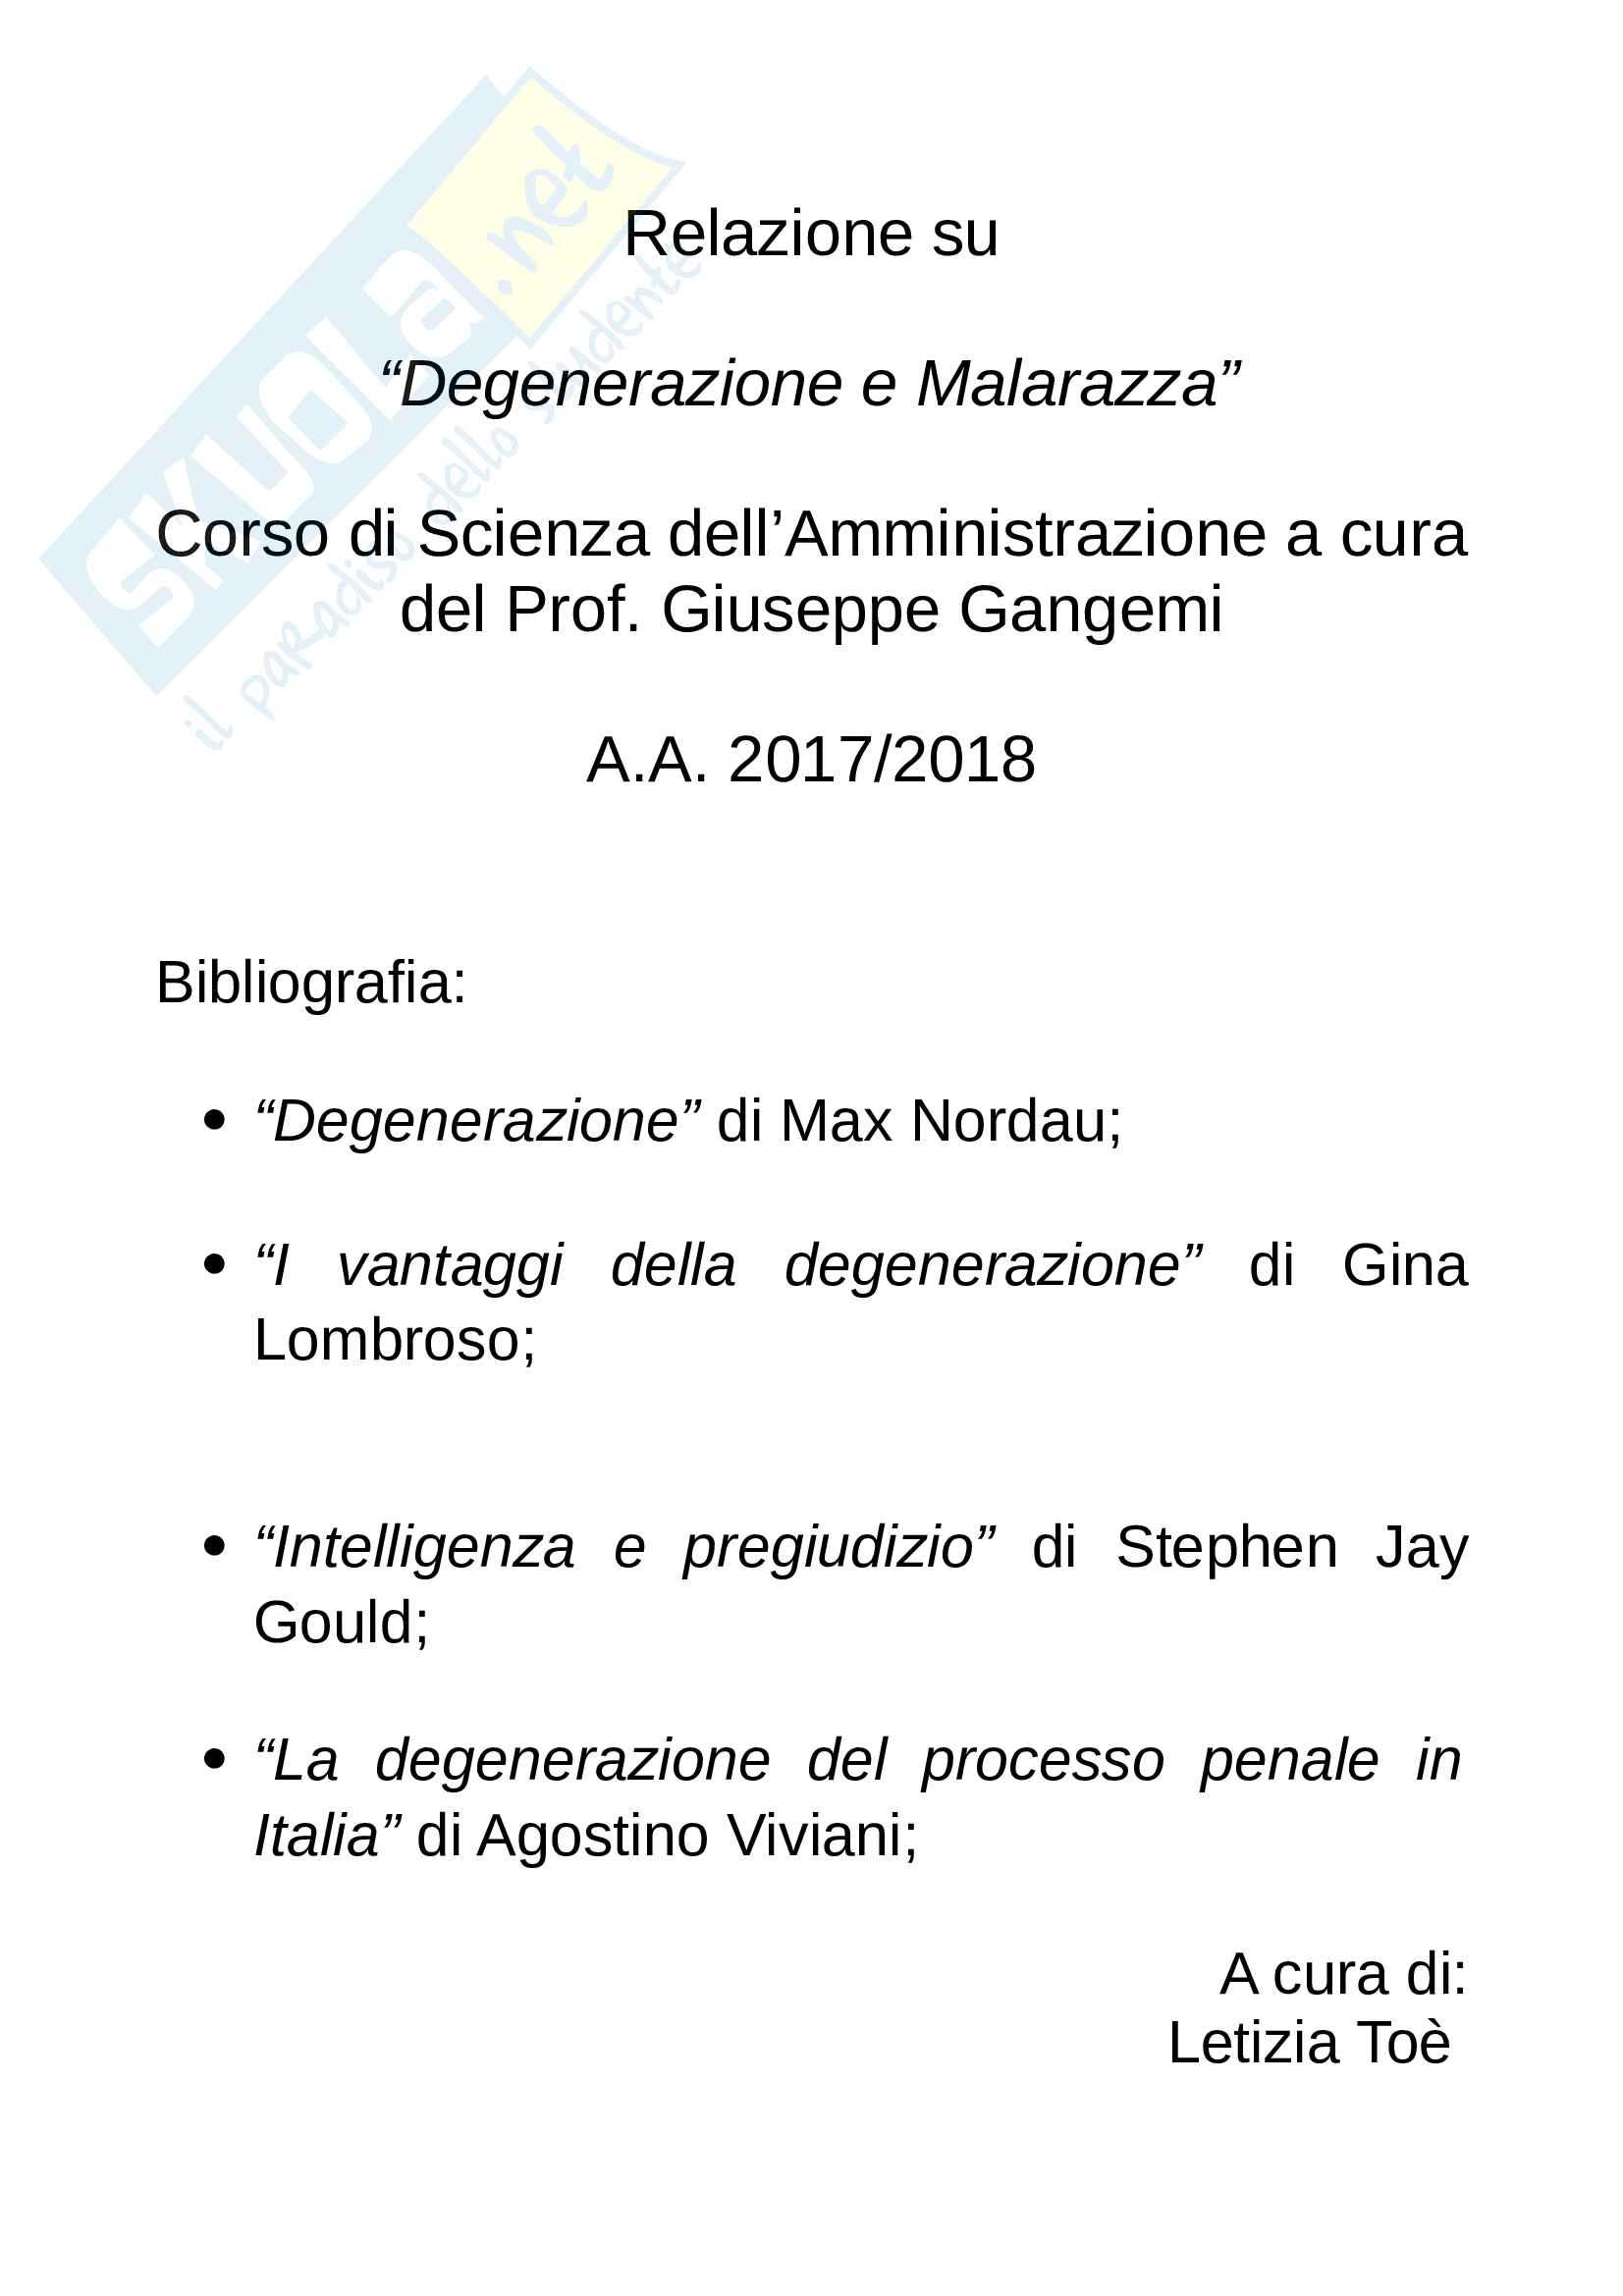 Tesina su Cesare Lombroso e il concetto di degenerazione e malarazza